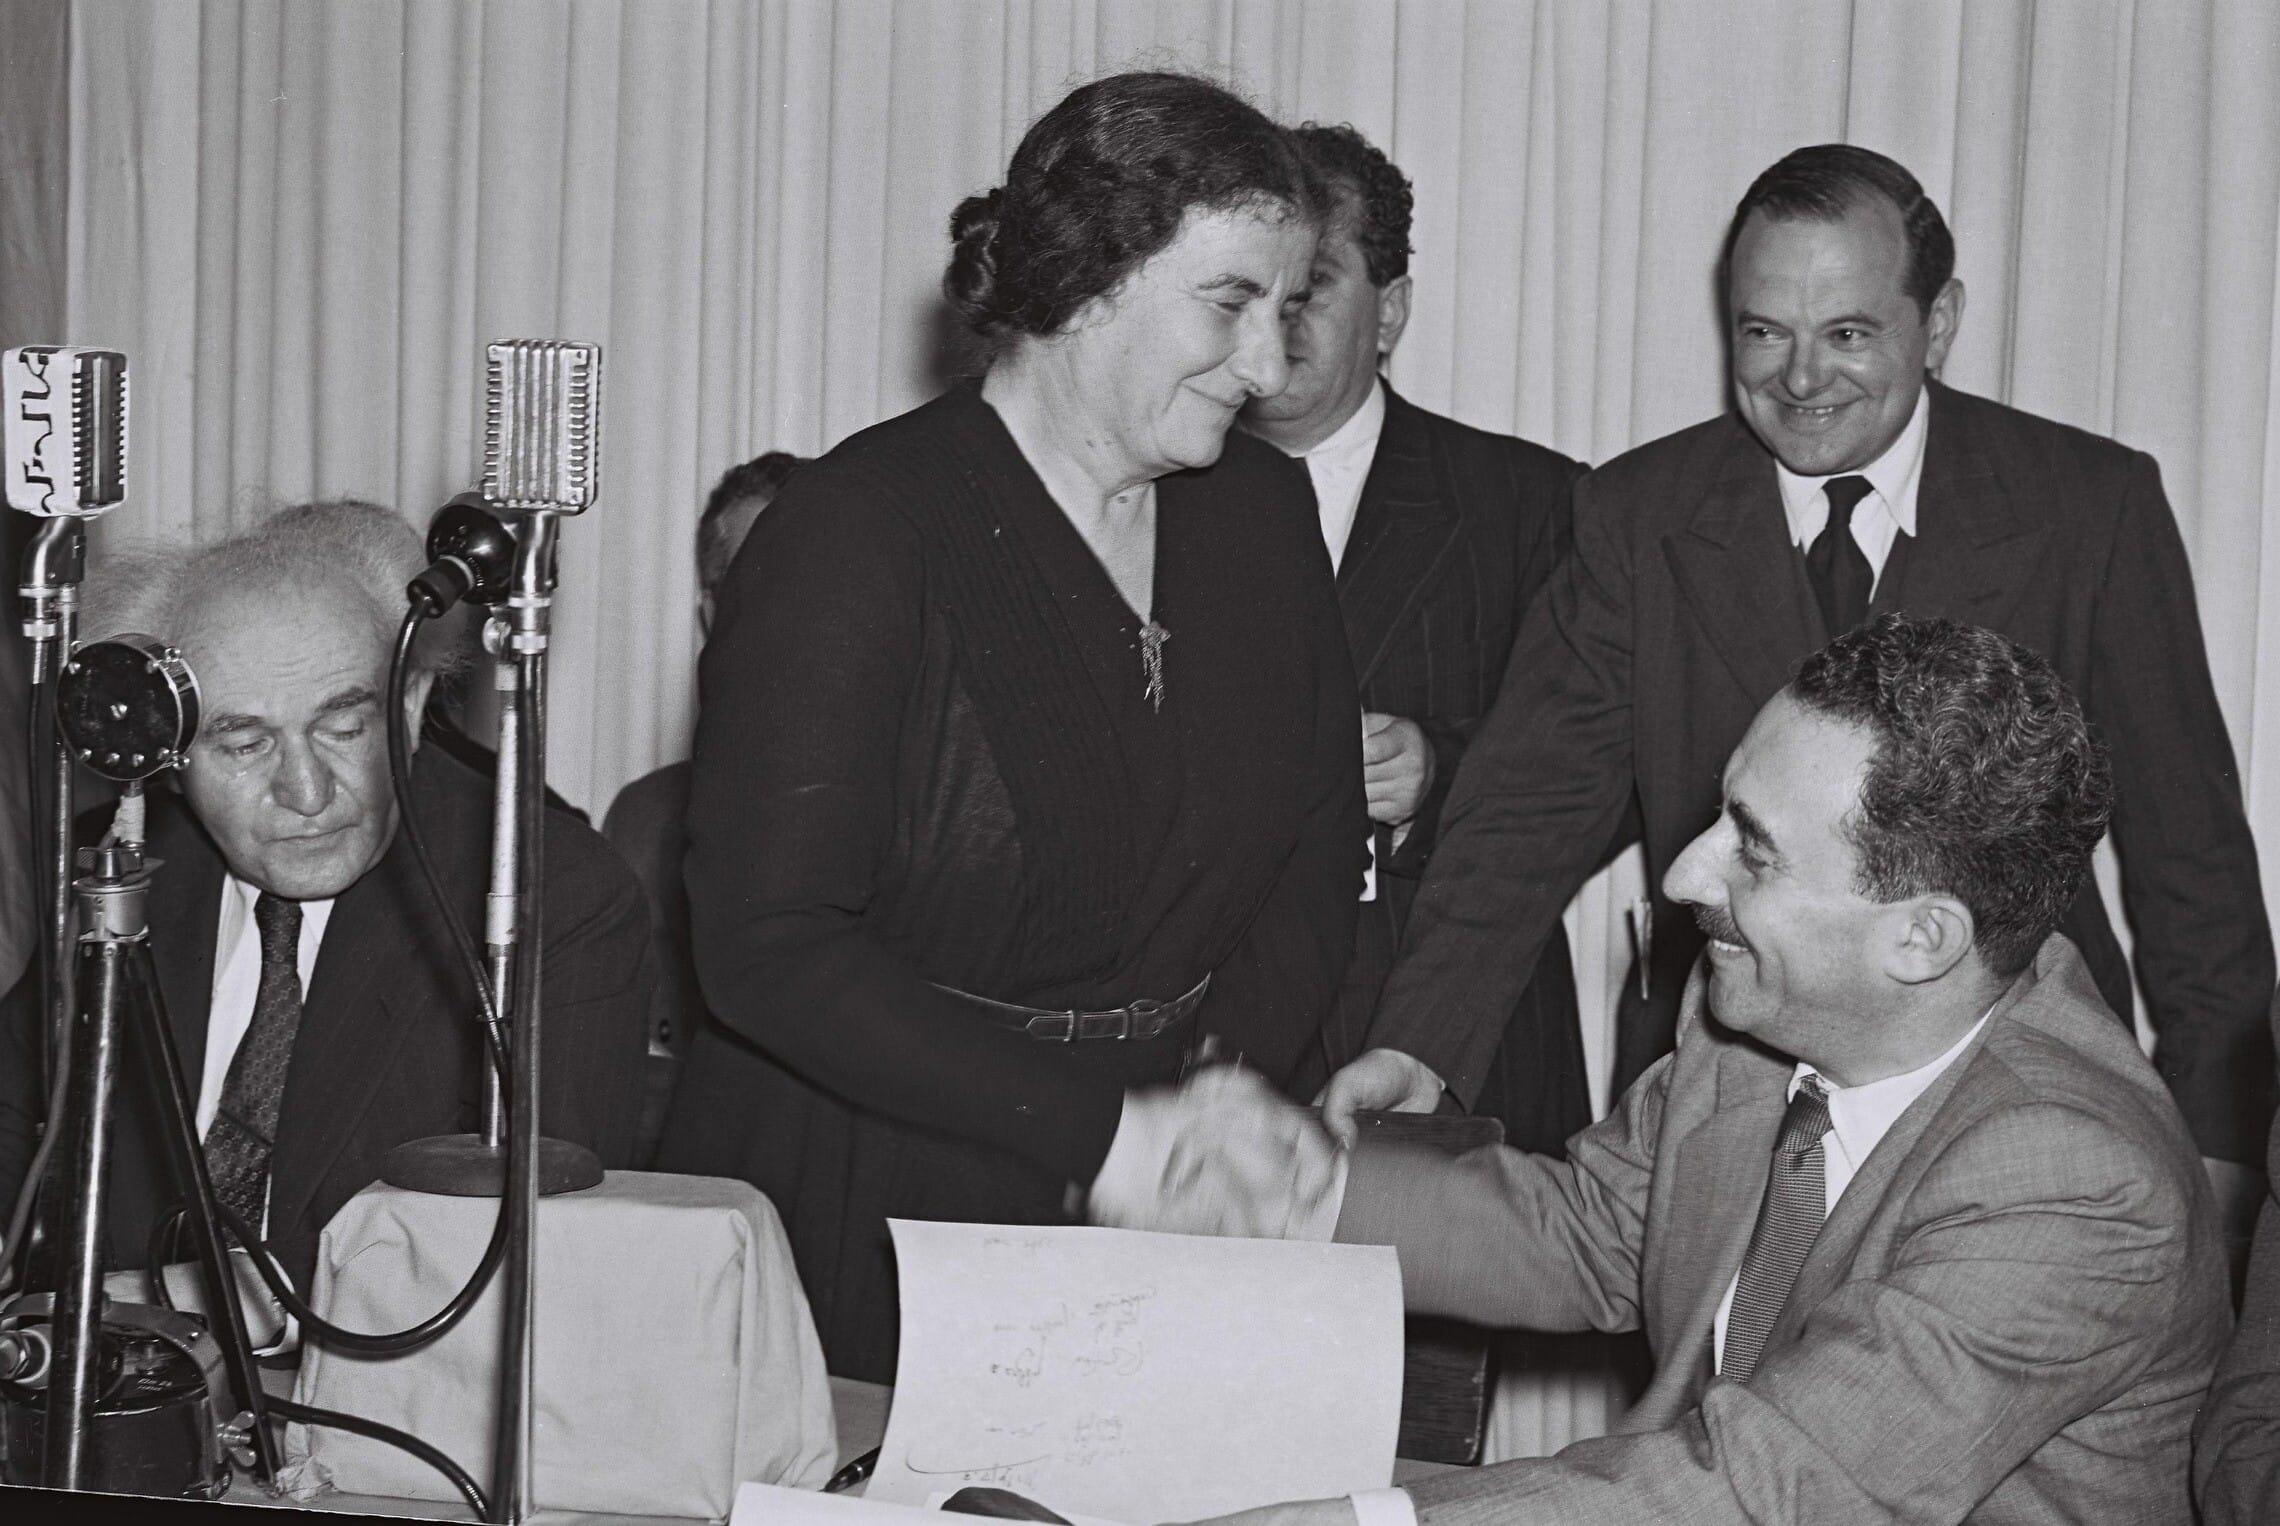 """גולדה מאיר לוחצת את ידו של משה שרת אחרי הכרזת המדינה. משמאל, דוד בן-גוריון, 14 במאי 1948 (צילום: פרנק שרשל/לע""""מ)"""